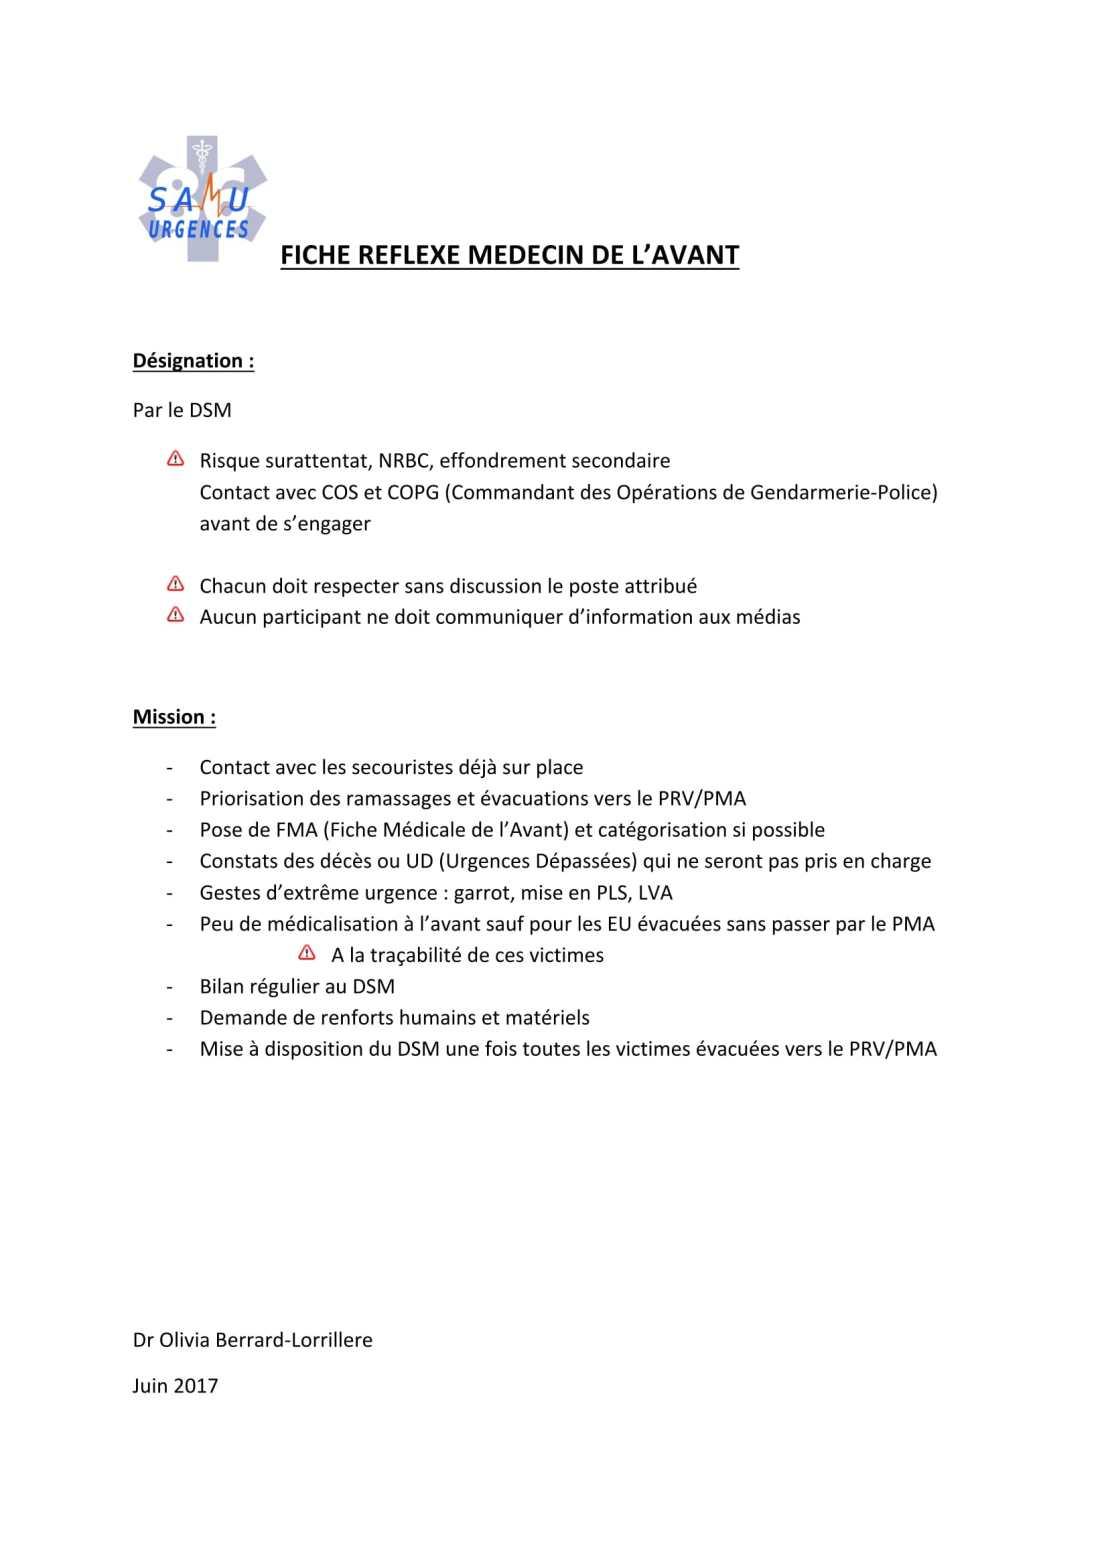 medecinavant_reflexe-1